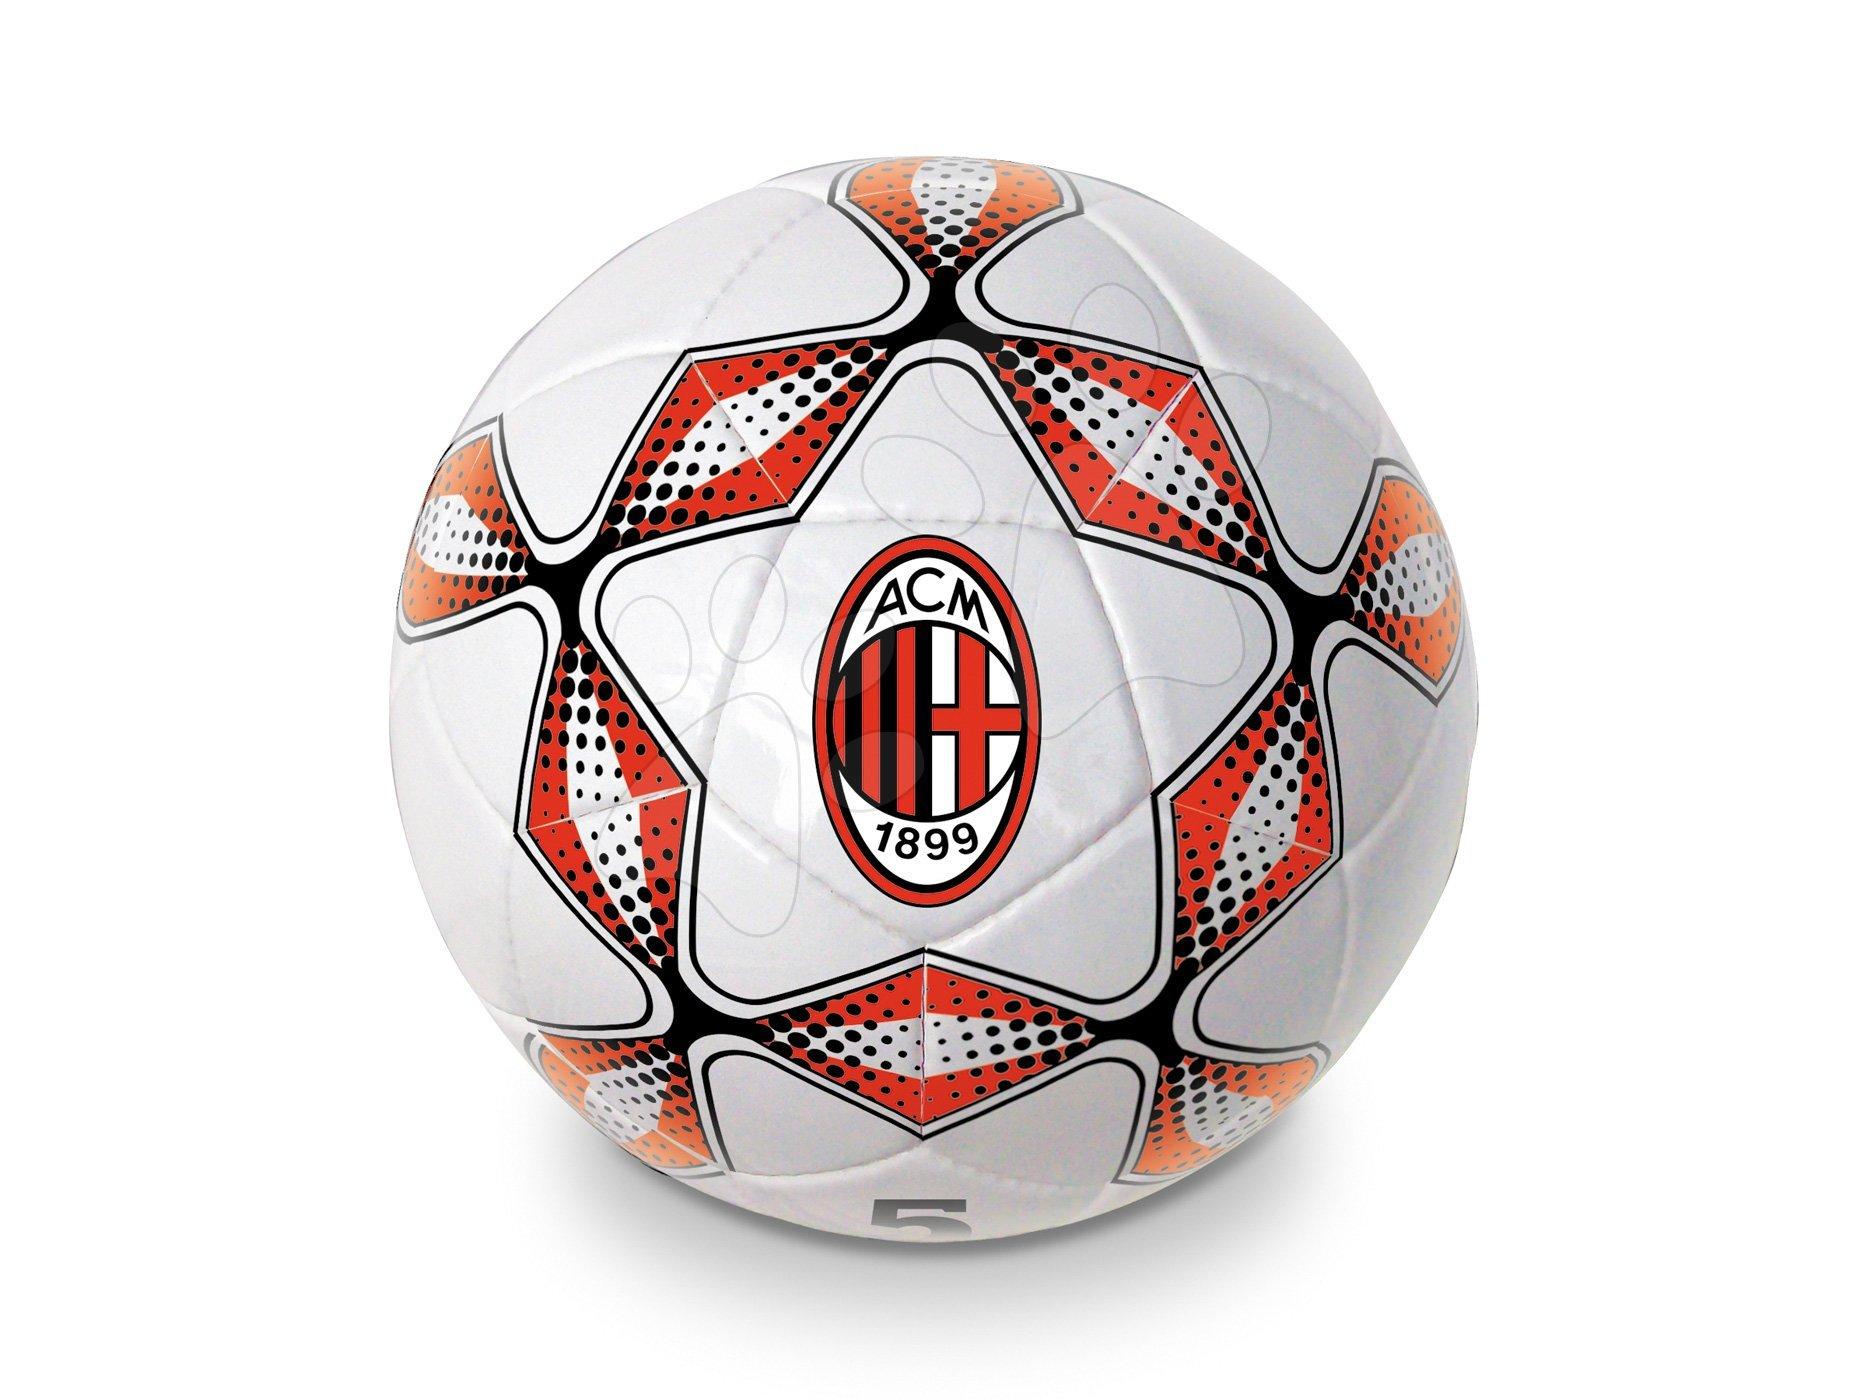 Sportovní míče - Fotbalový míč šitý A.C. Milán Pro Mondo velikost 5